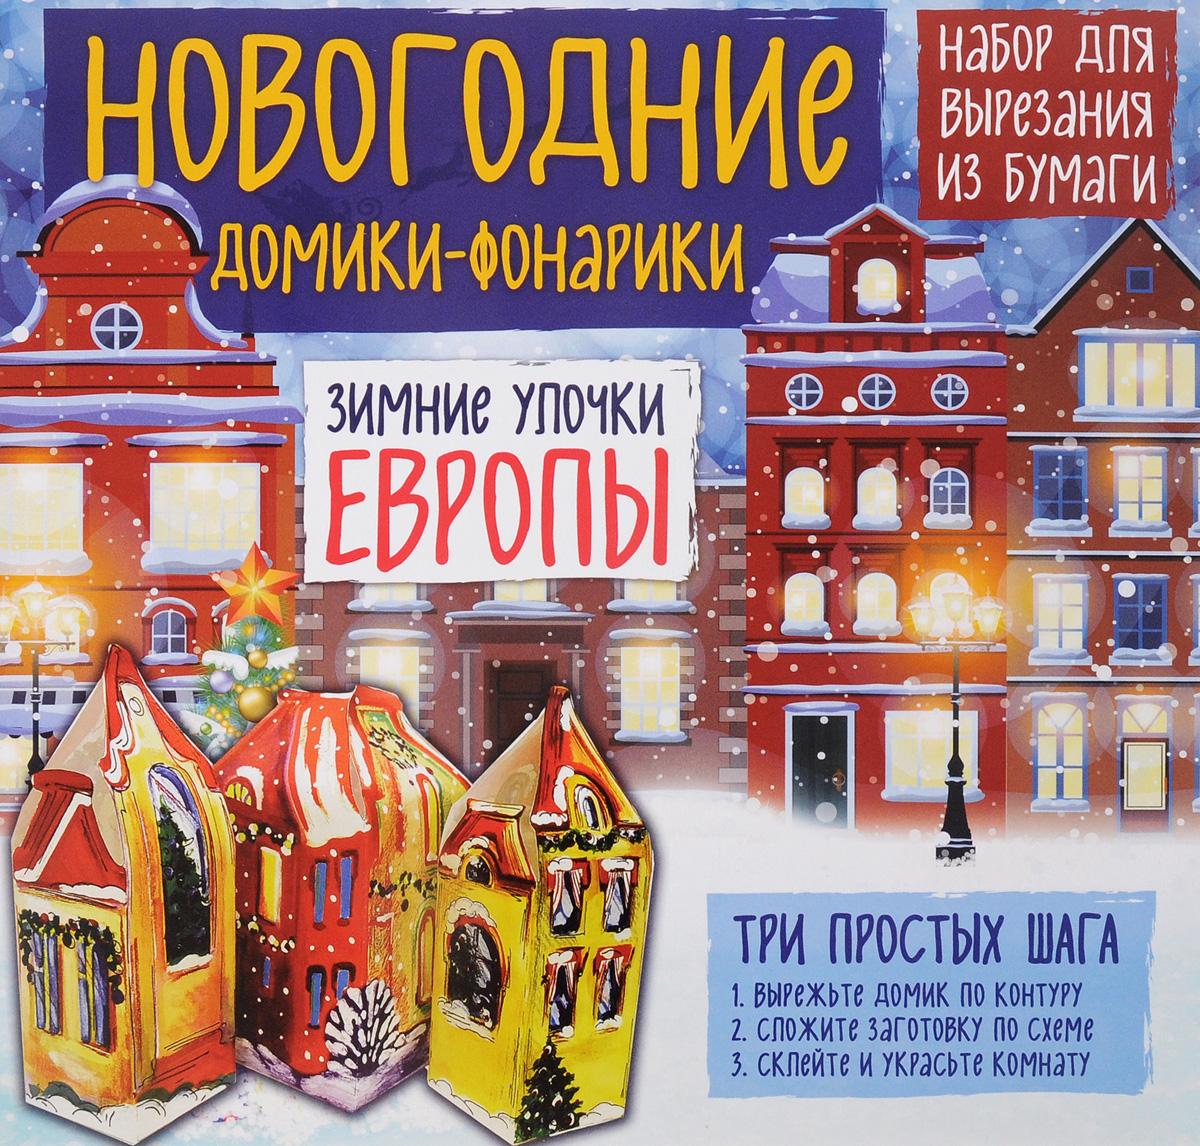 Т. Лаптева Зимние улочки Европы. Новогодние домики-фонарики наборы для творчества fancy creative набор для создания украшений раскрась льдинки